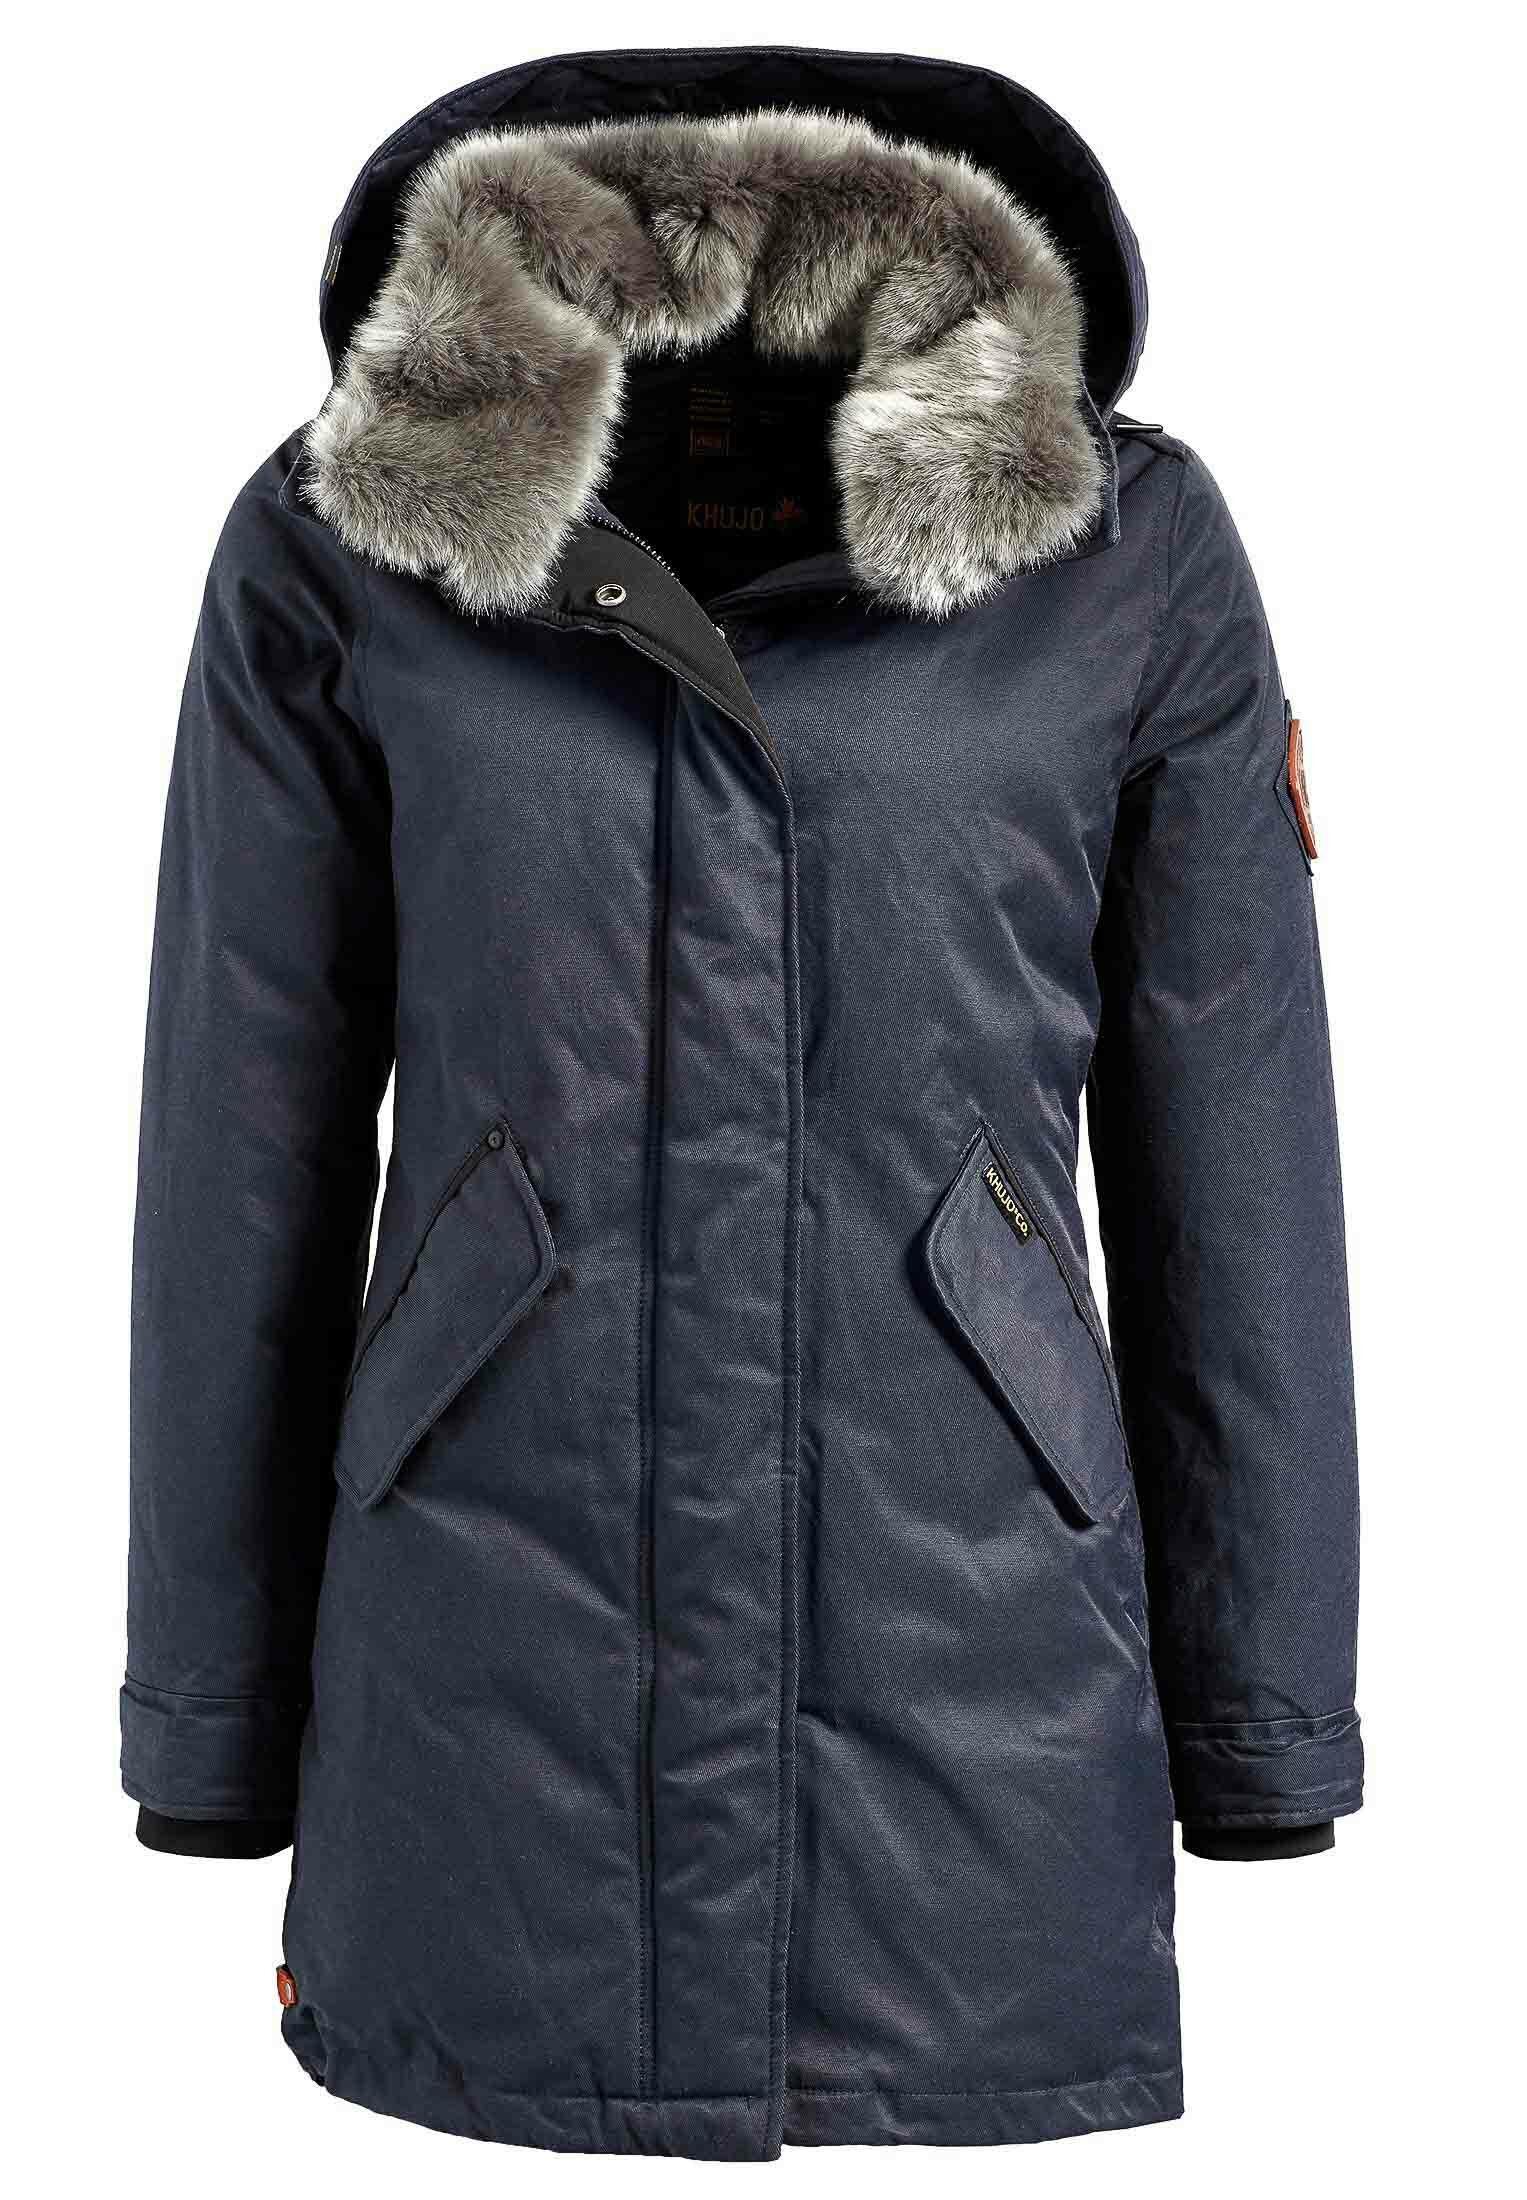 Im Shop Sportscheck Online Damen Khujo Winterjacke Von TJcF1ulK3